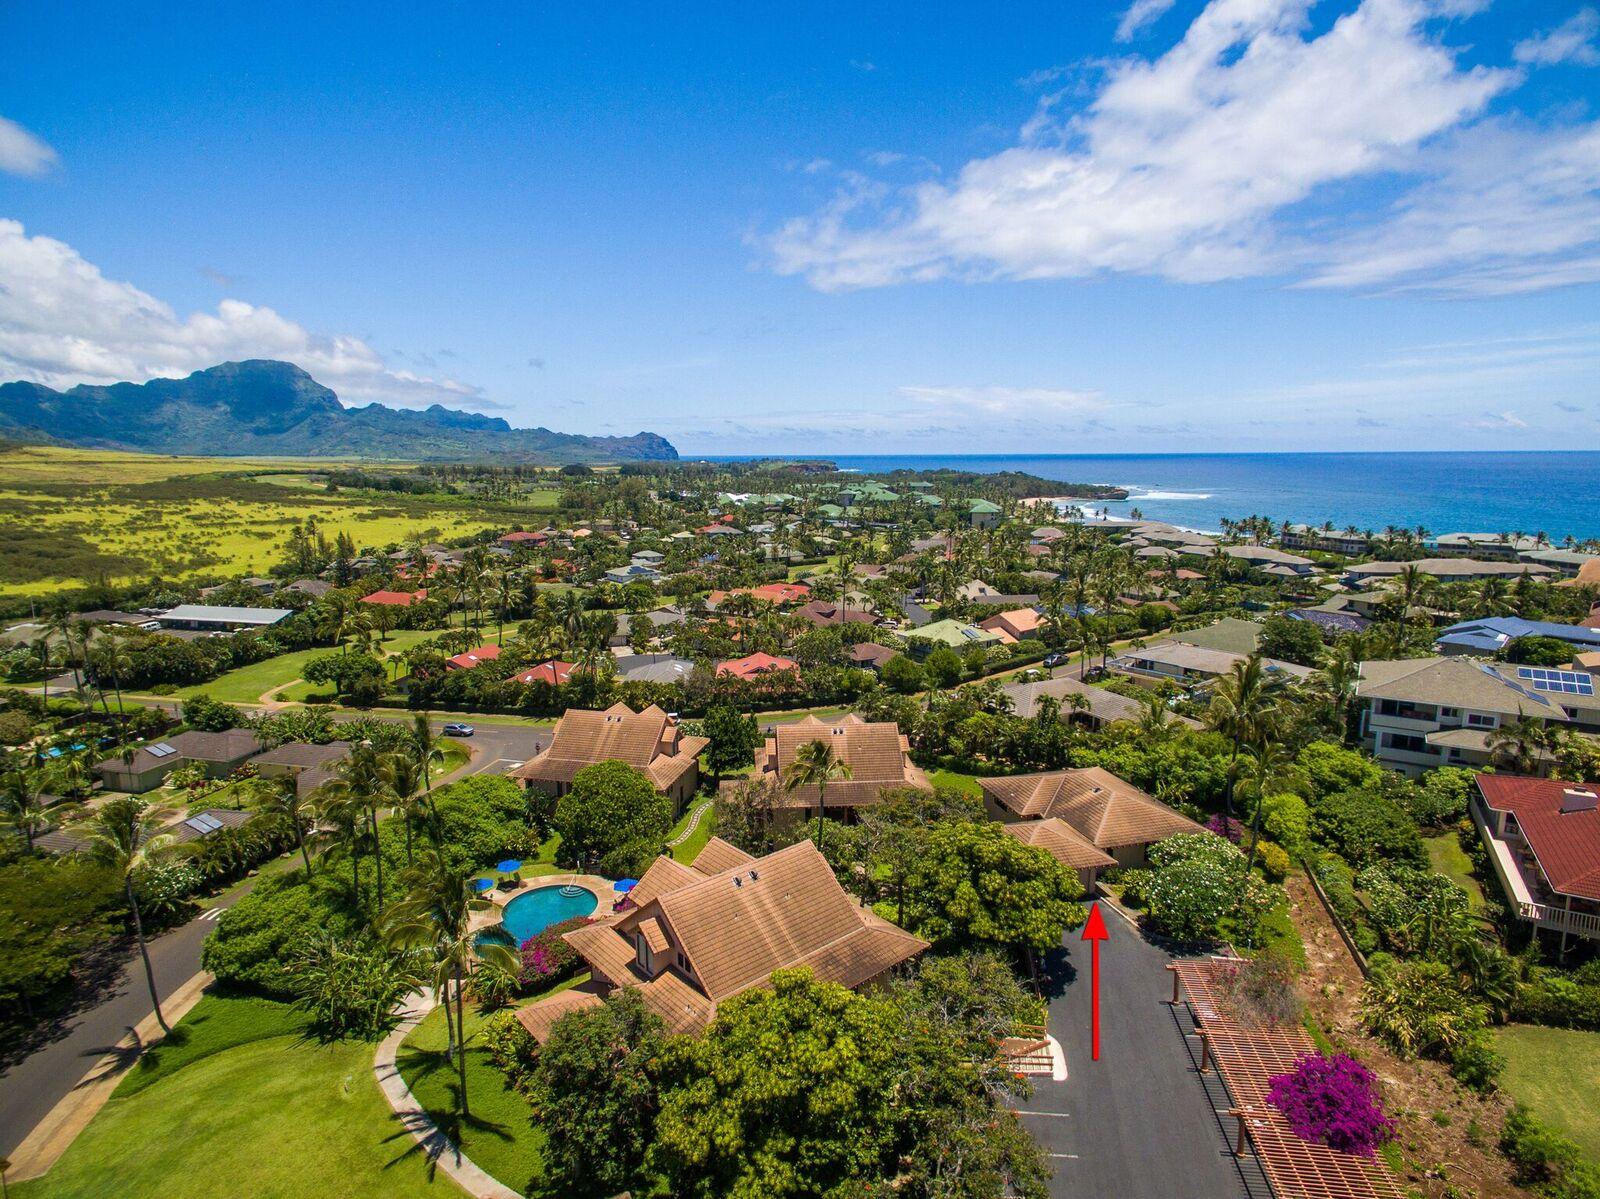 شقة بعمارة للـ Sale في Rare and Completely Detached Condominium with Two Car Garage in Koloa, Kauai 2370 Ho'ohu Road #311 Koloa, Hawaii 96756 United States